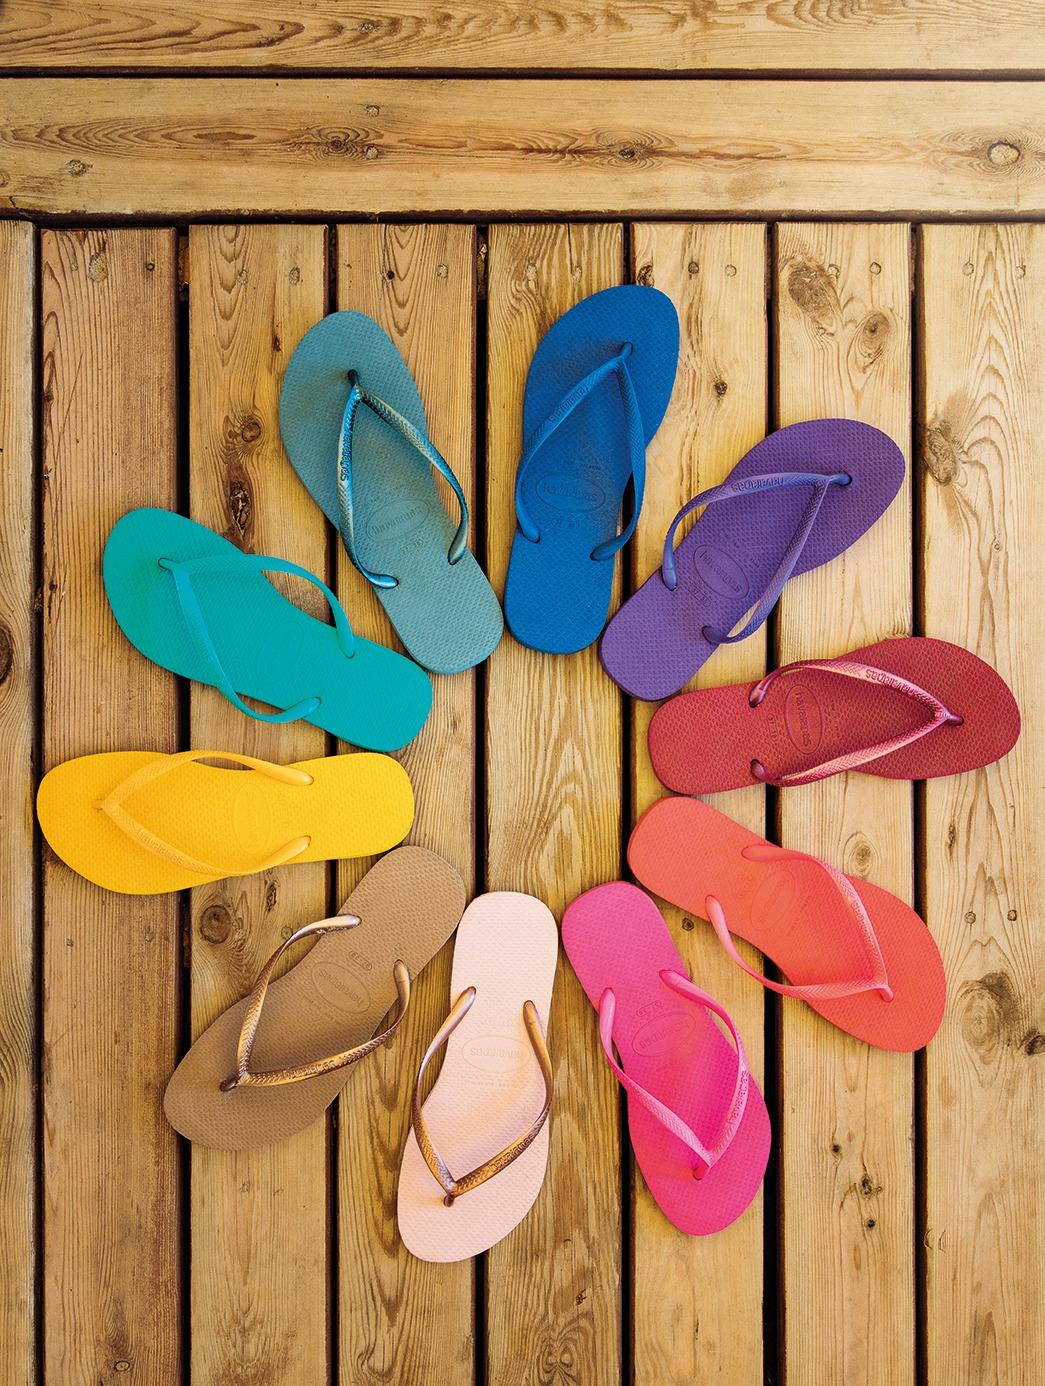 U novoj verziji Havaianasice dolaze u paleti boja koja će zadovoljiti ljubitelje razigranog dizajna